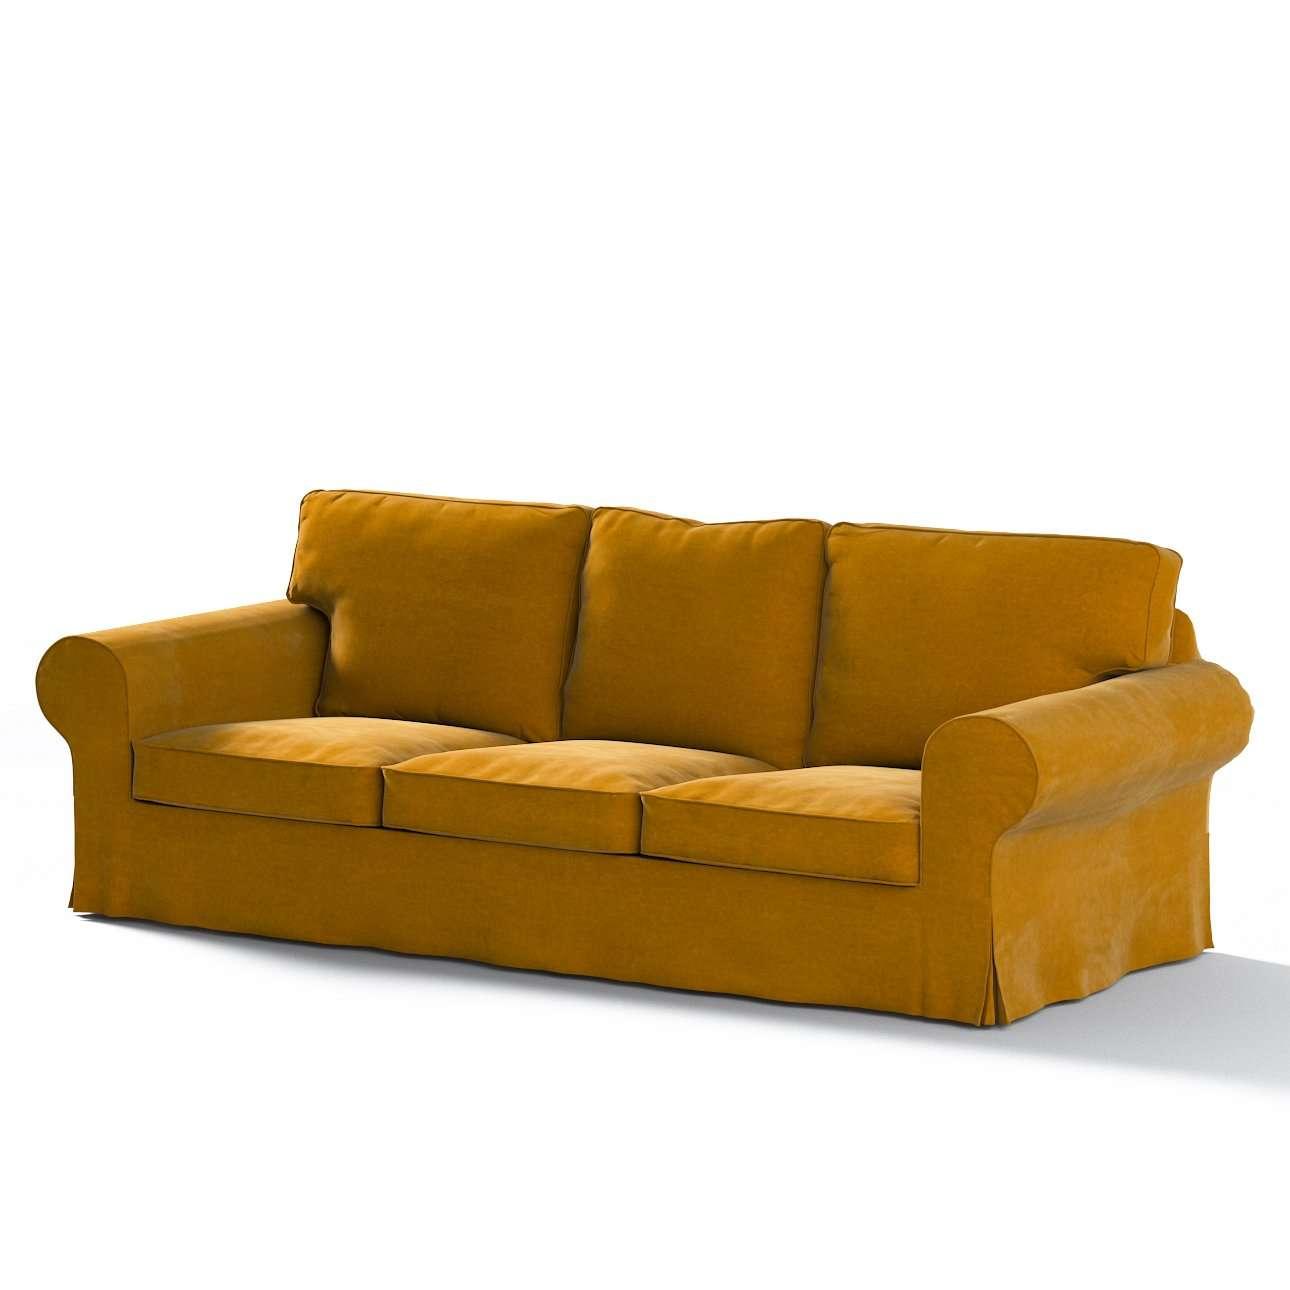 Ikea Sofa Covers Ektorp